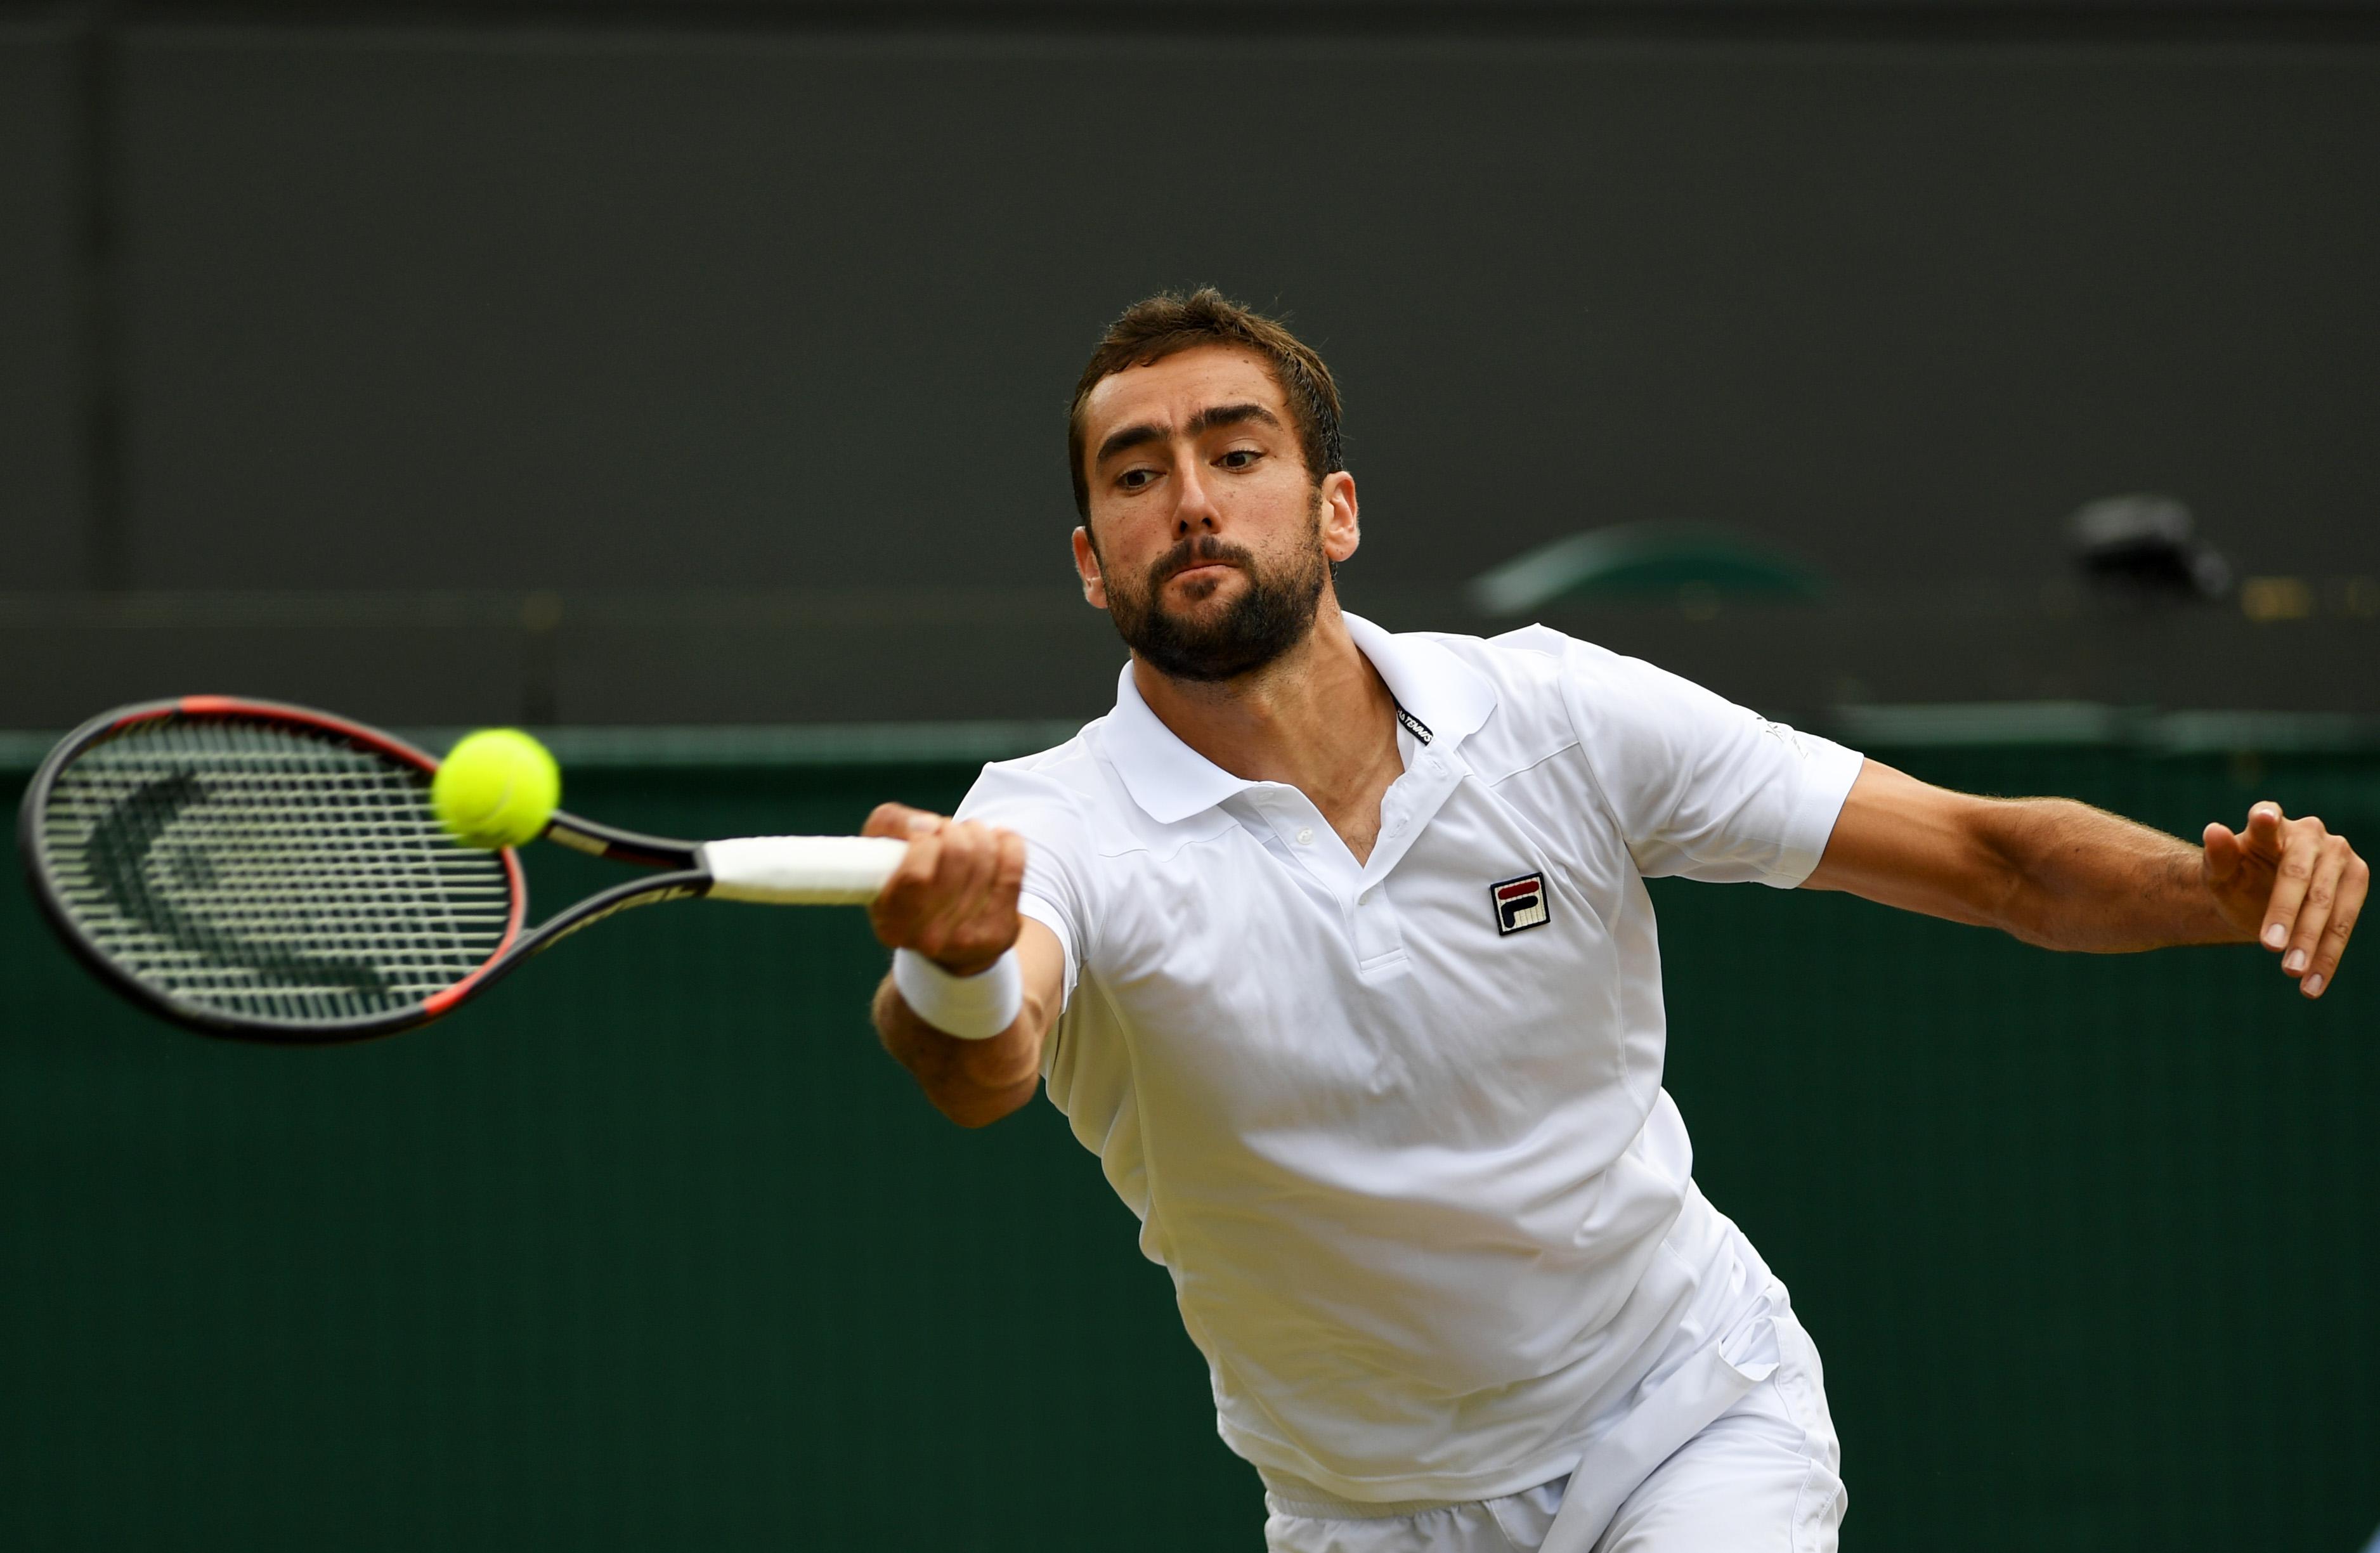 Ставки на матч Севастова – Свитолина, прогноз на теннис от 02.09.2018